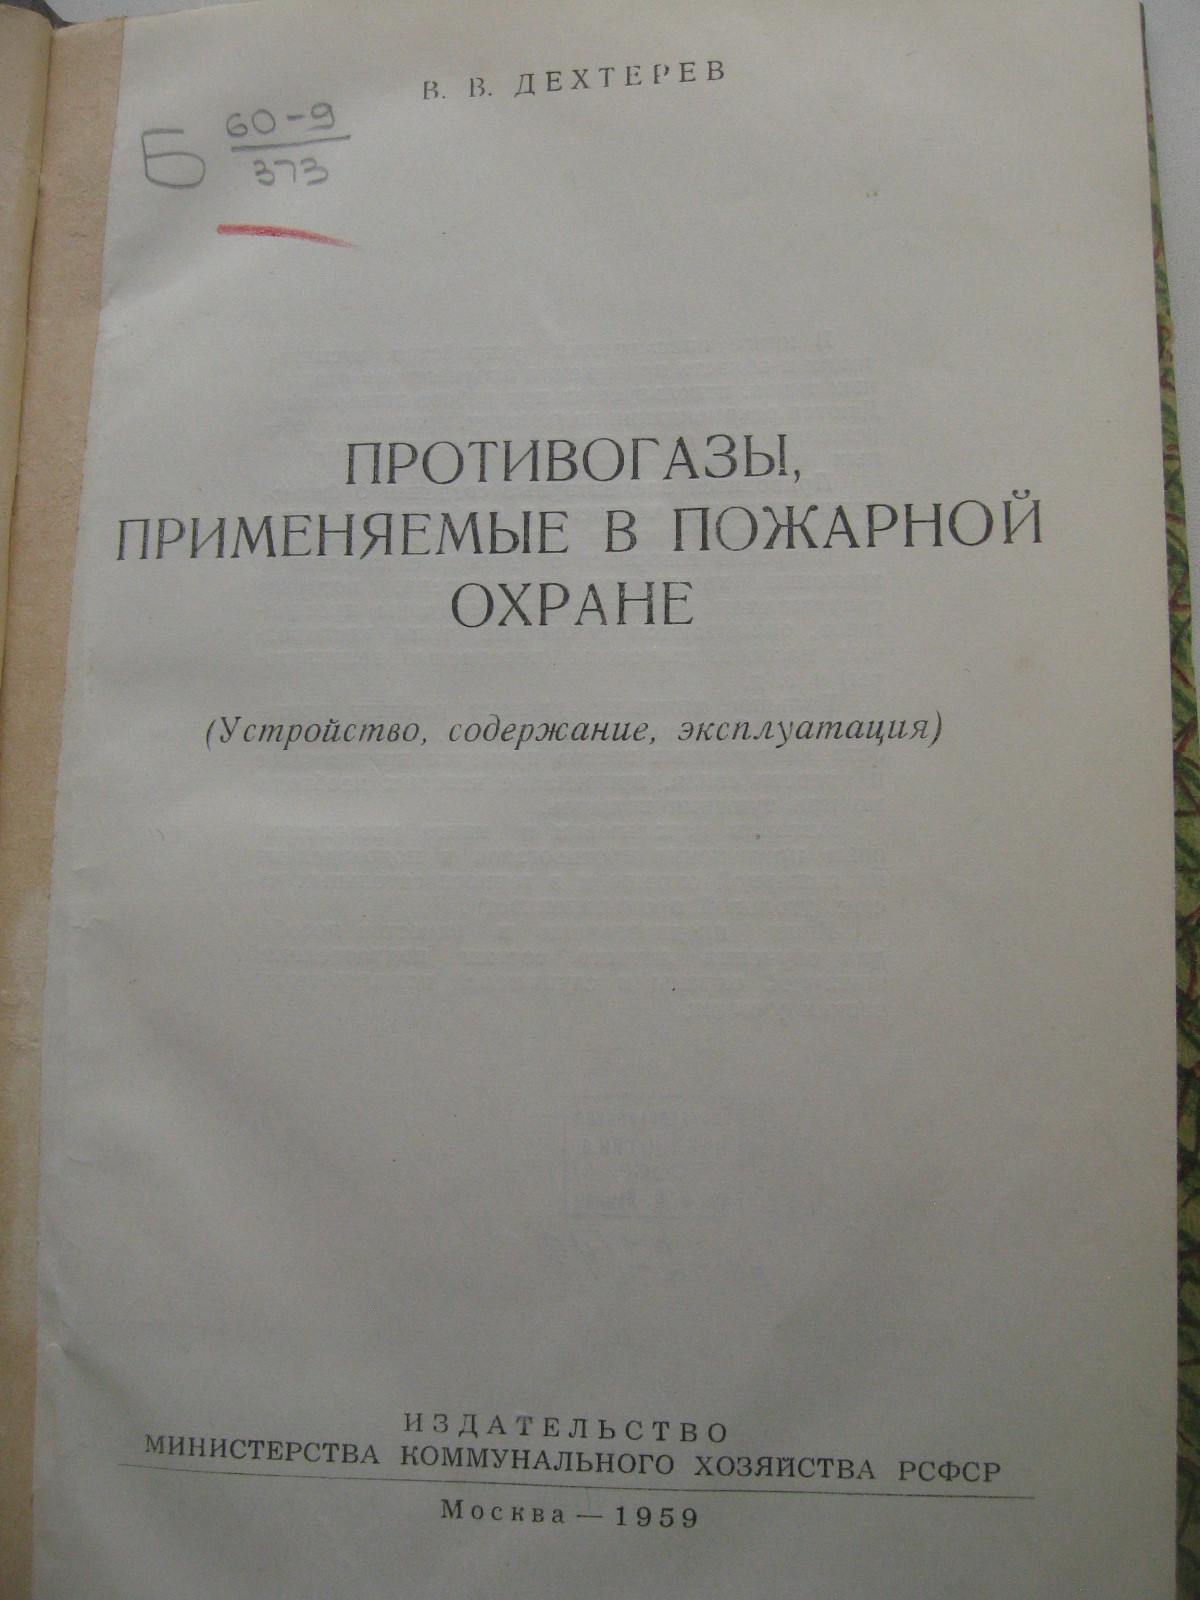 На фото: Дехтерев В. В. Противогазы, применяемые в пожарной охране (Устройство, содержание, эксплуатация)  1959 г. 108 стр., автор: alexandr.chir